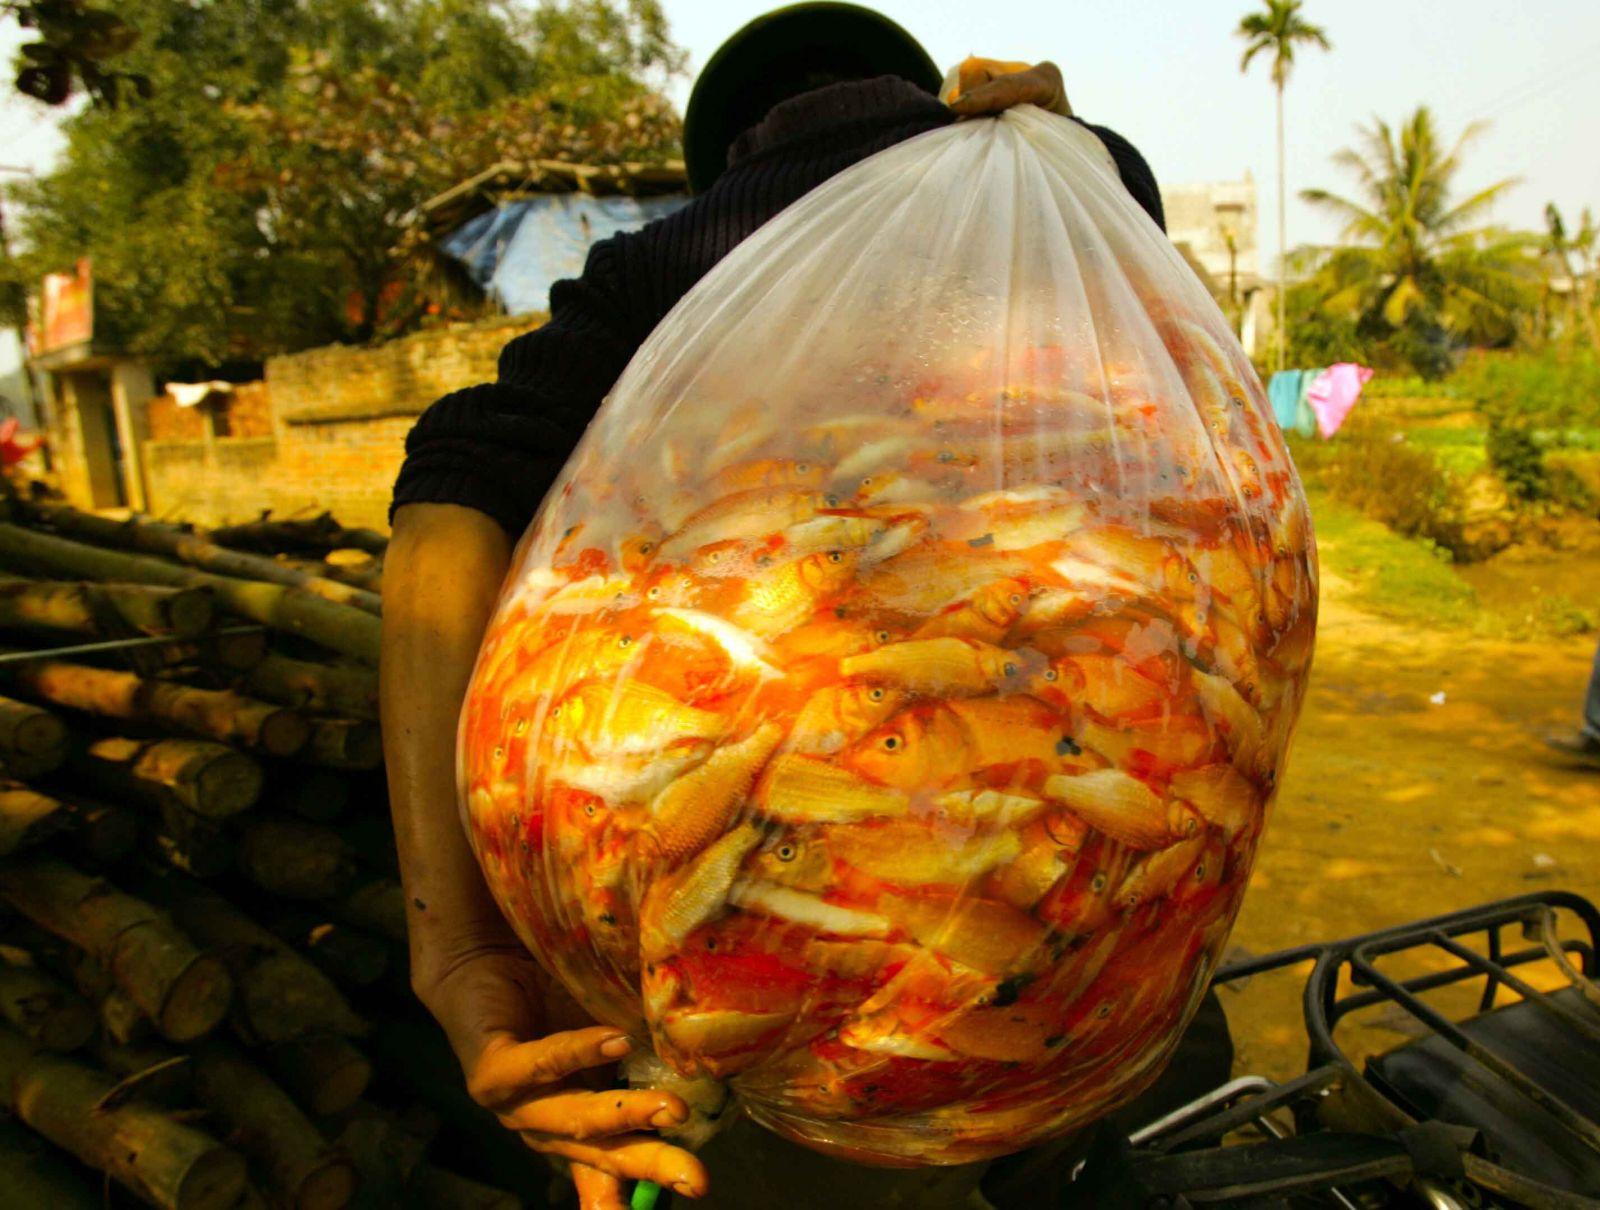 Sau khi bắt từ ao lên, cá được cho vào túi nilon lớn, bơm oxy để chuyển về các bể chứa, sẵn sàng phục vụ lái thương đến mua cá.